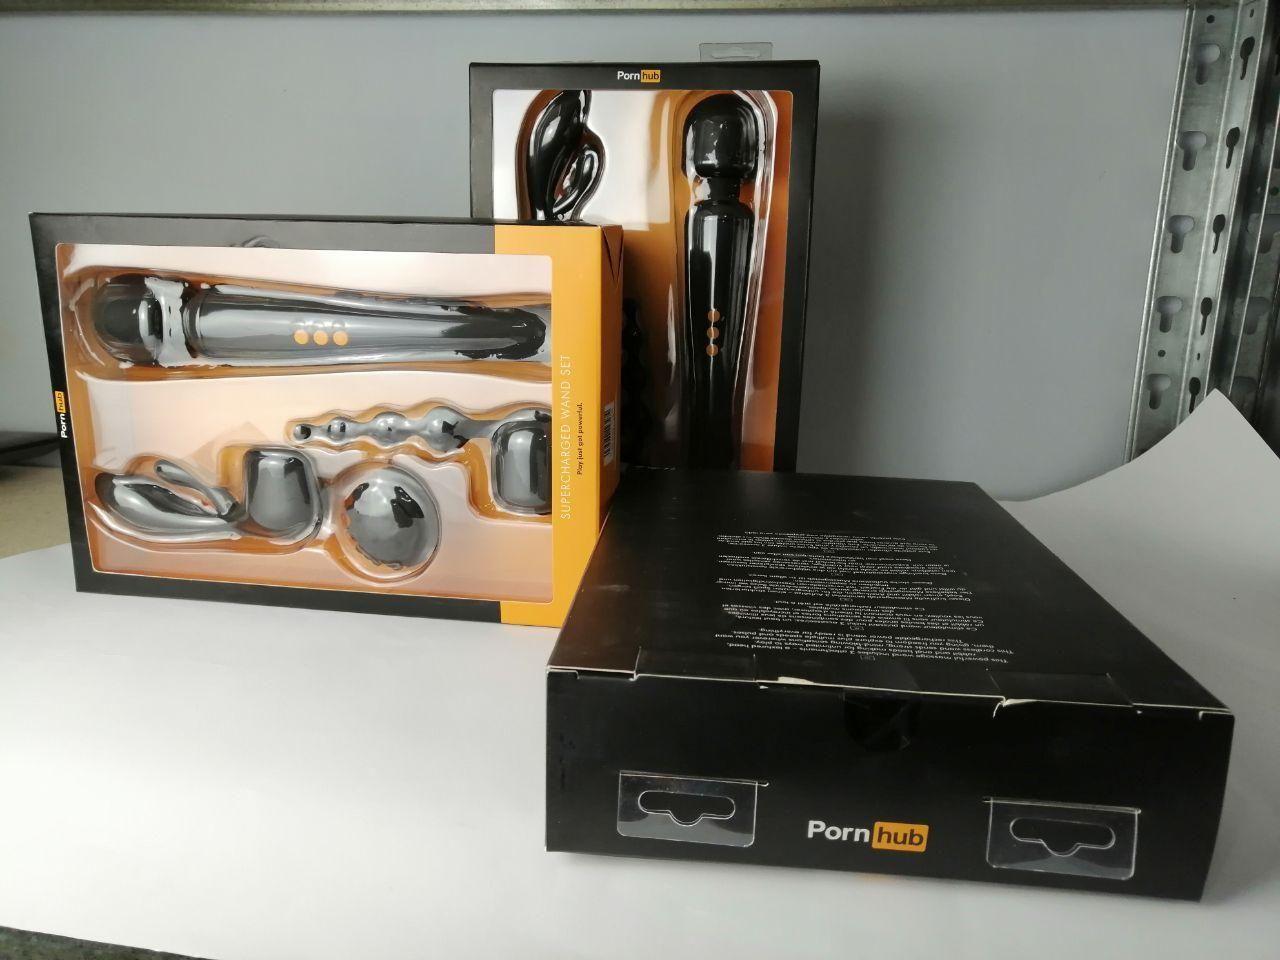 Вибромассажер с насадками Pornhub Supercharge Wand Set (незначительные дефекты упаковки)